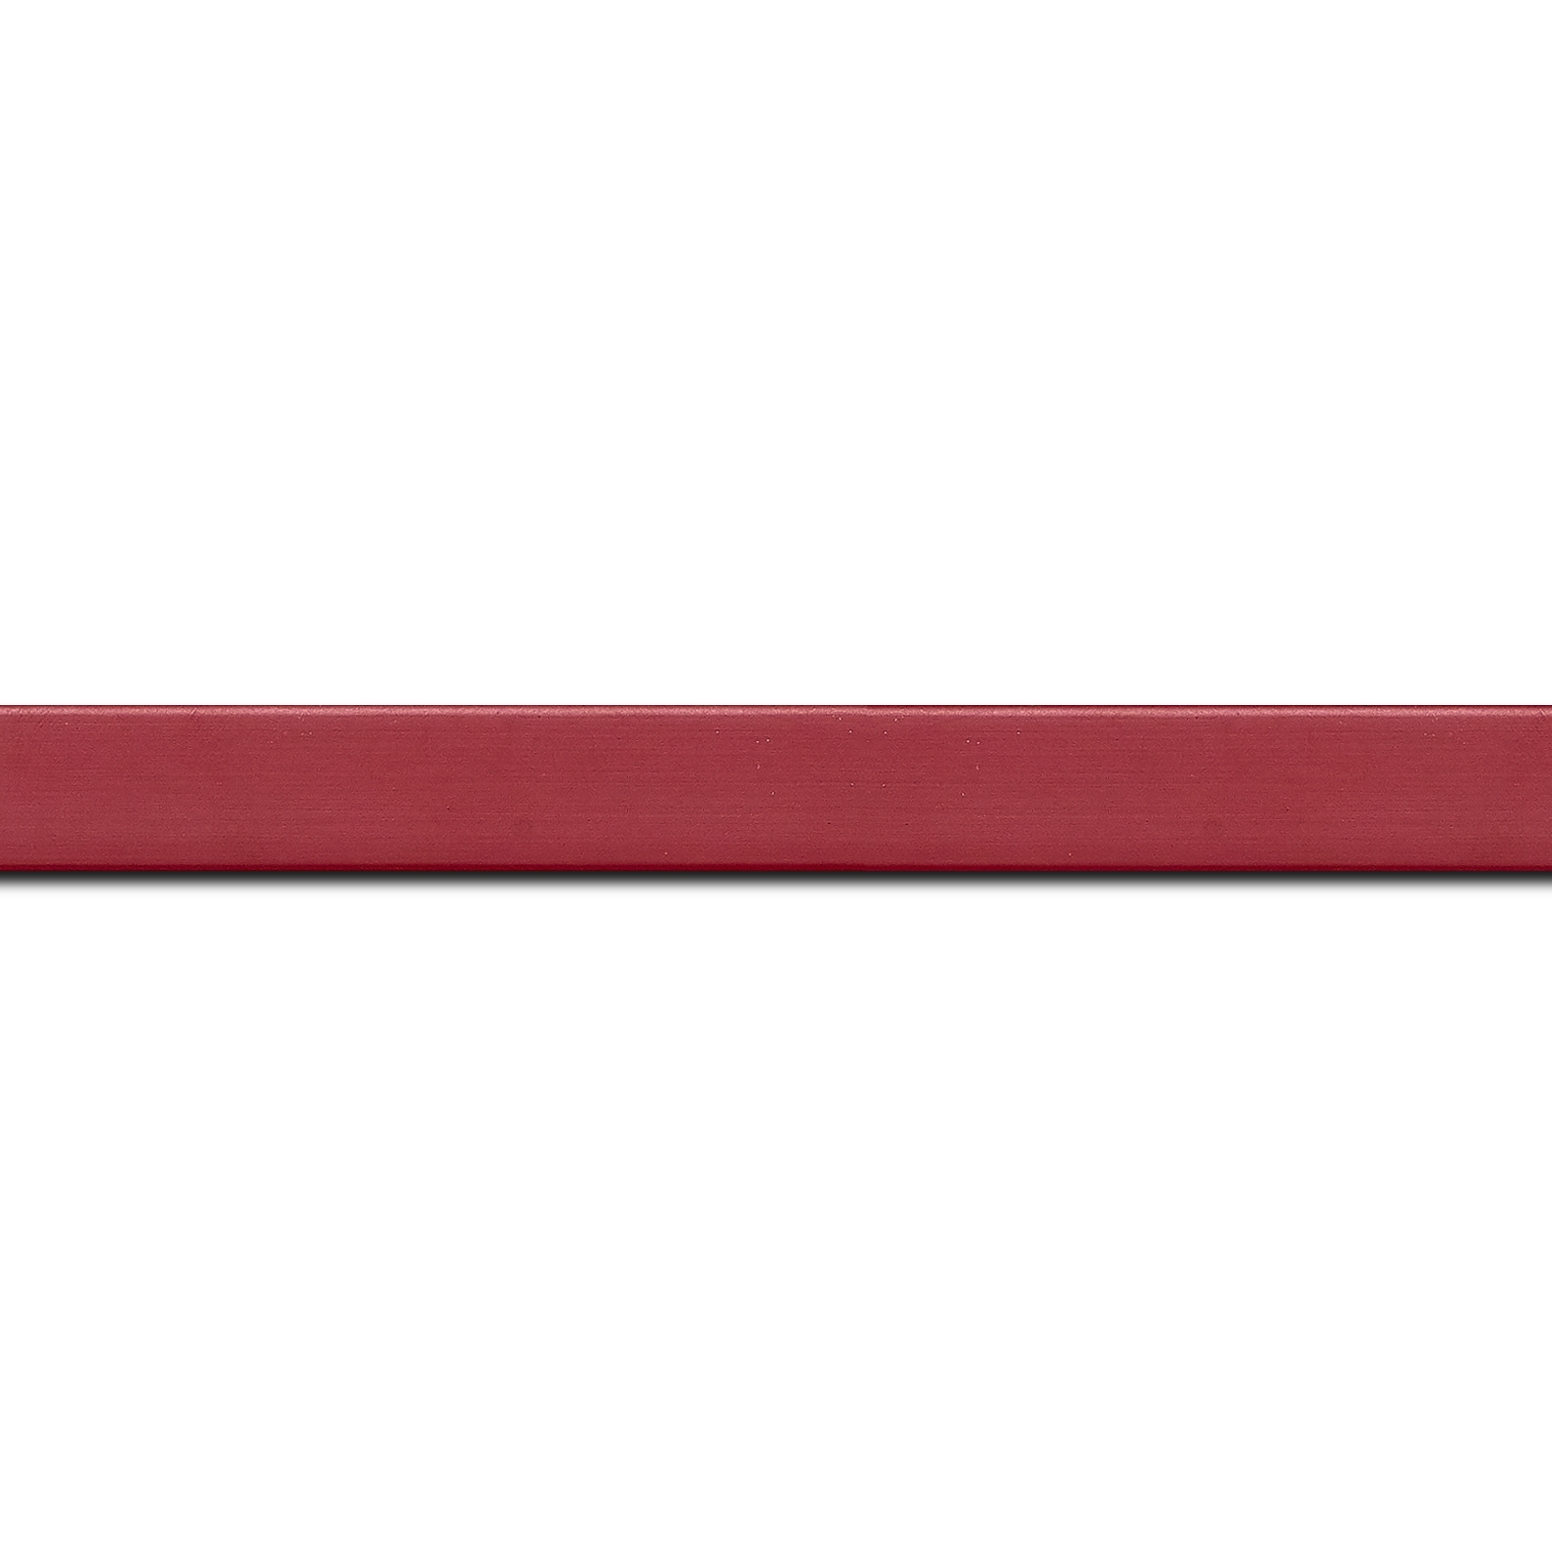 Pack par 12m, bois profil plat effet cube largeur 1.7cm couleur bordeaux satiné (longueur baguette pouvant varier entre 2.40m et 3m selon arrivage des bois)